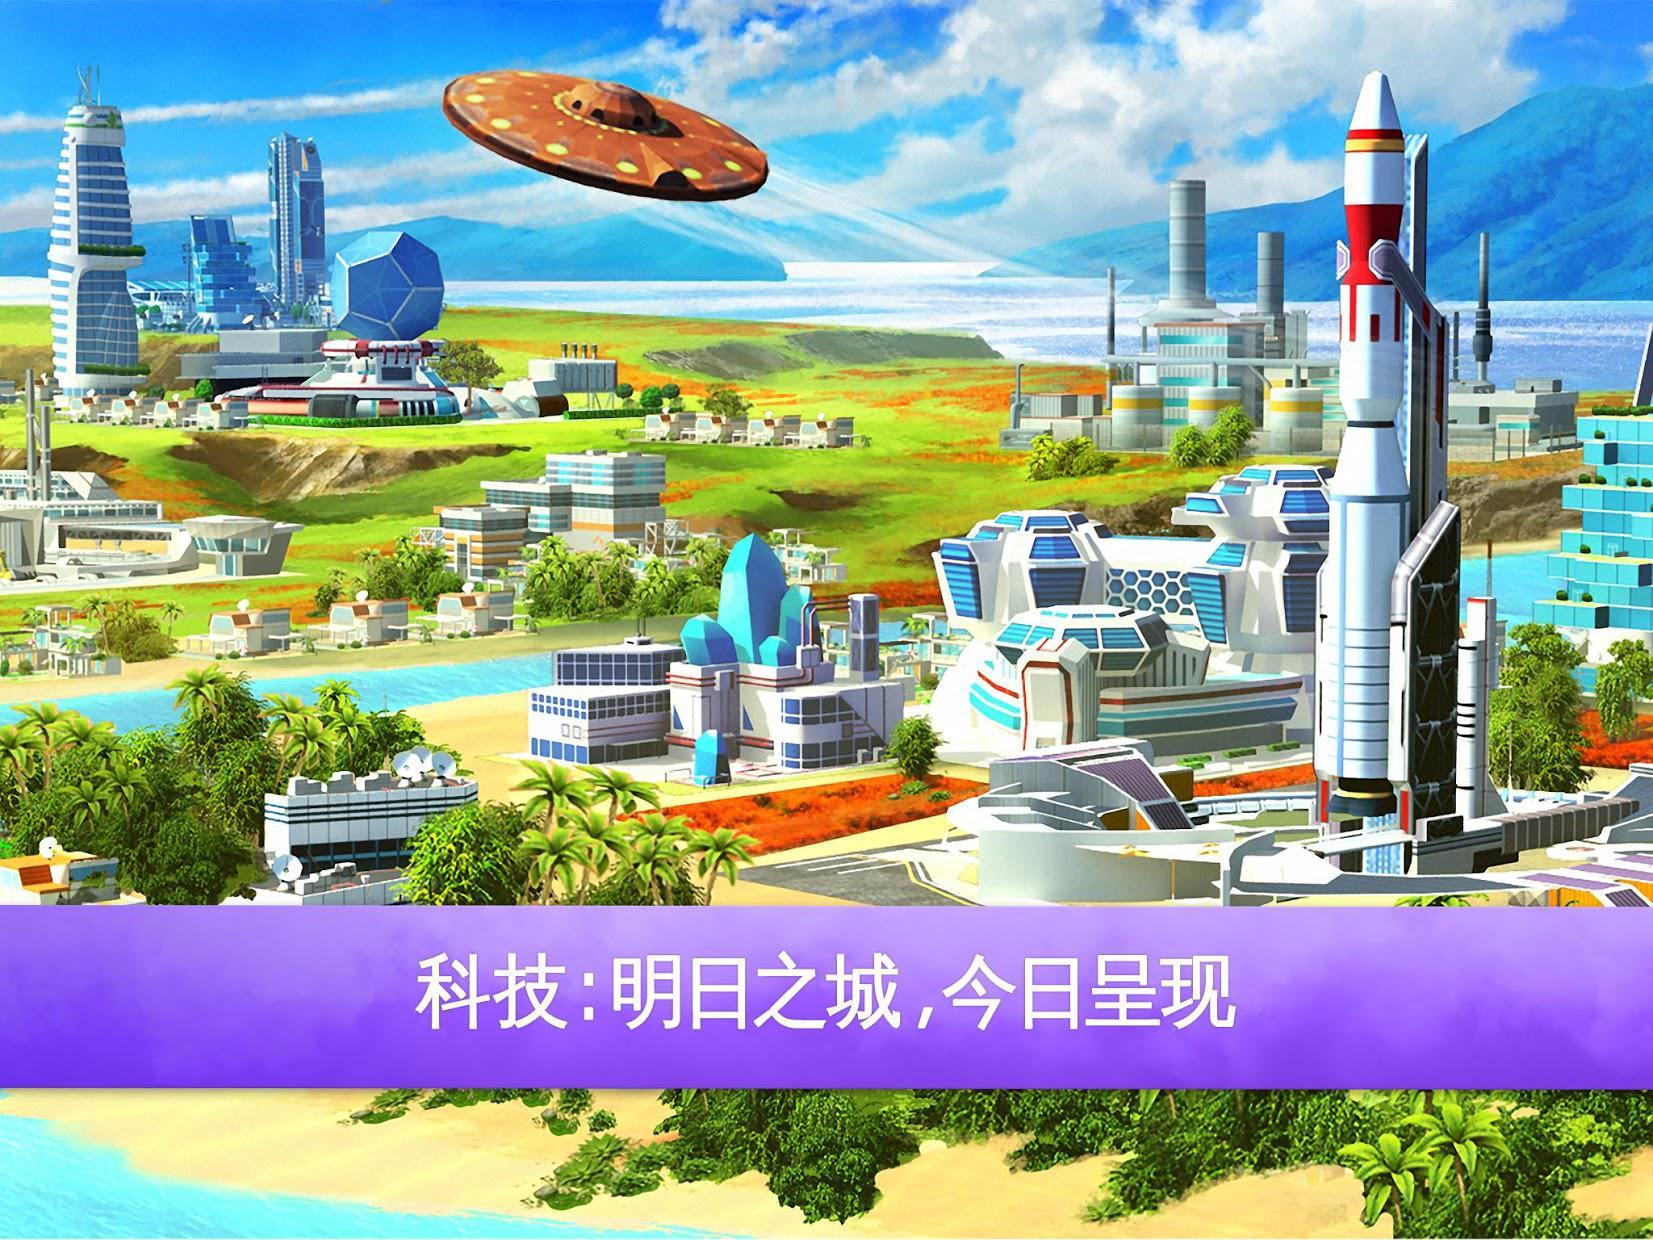 迷你大城市2 游戏截图4